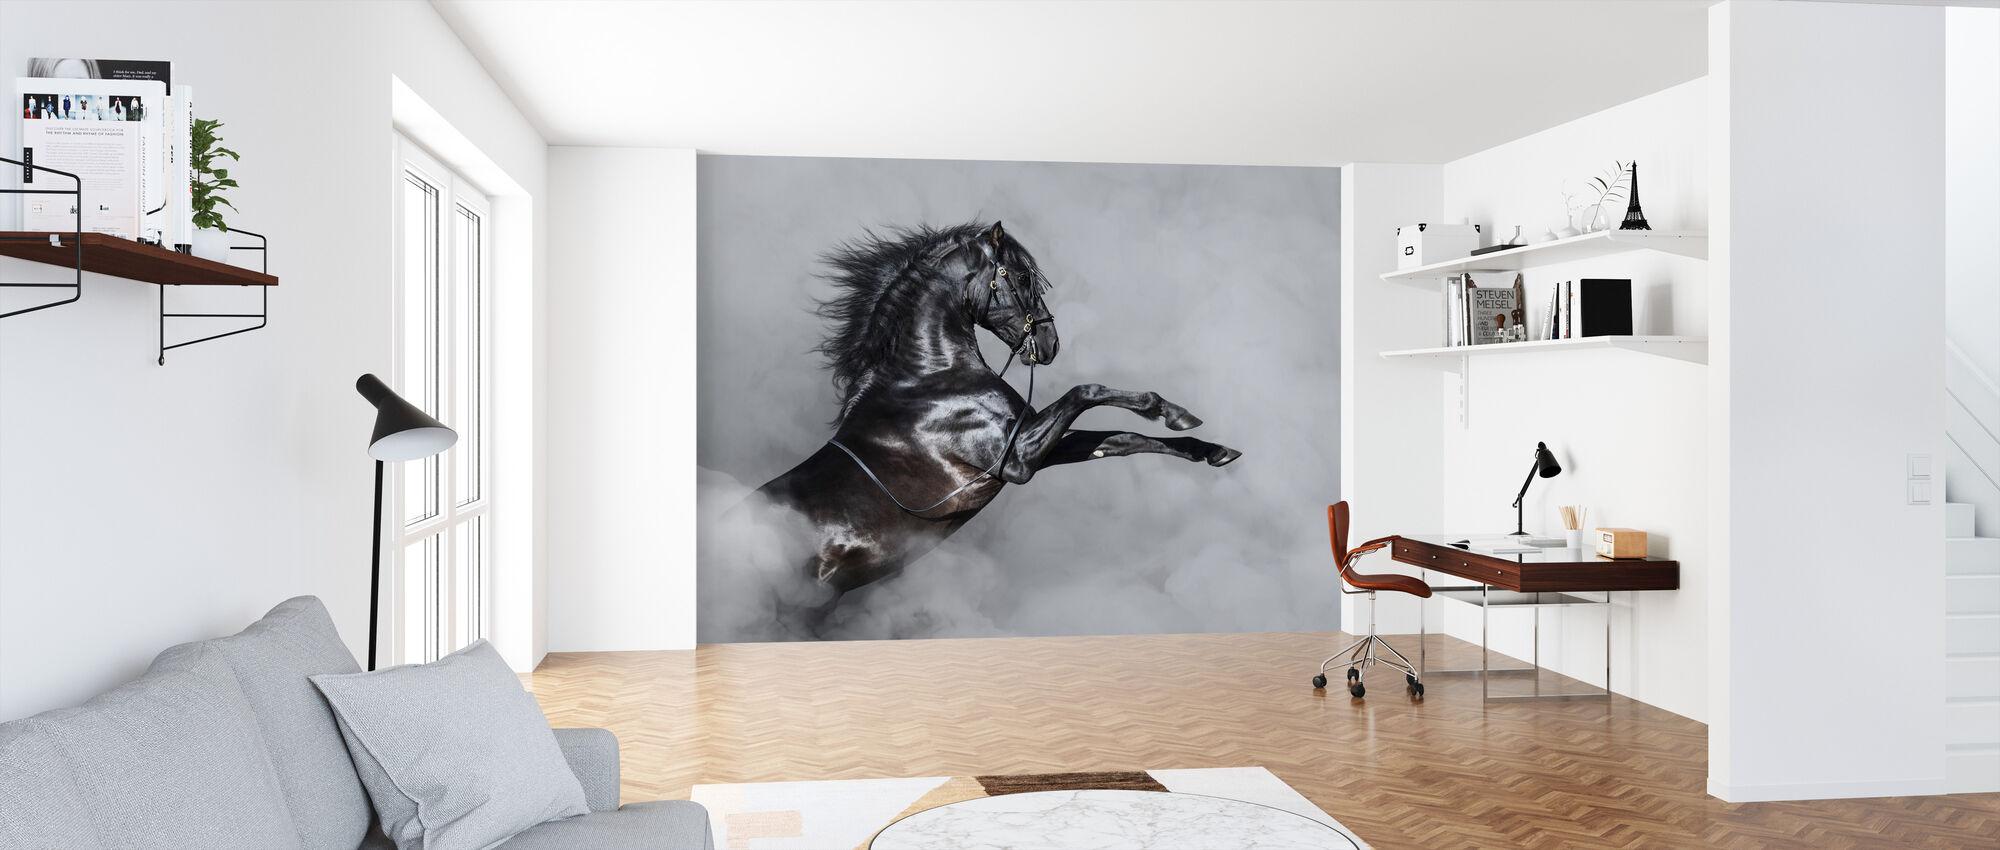 Hevosen kasvatus savussa - Tapetti - Toimisto